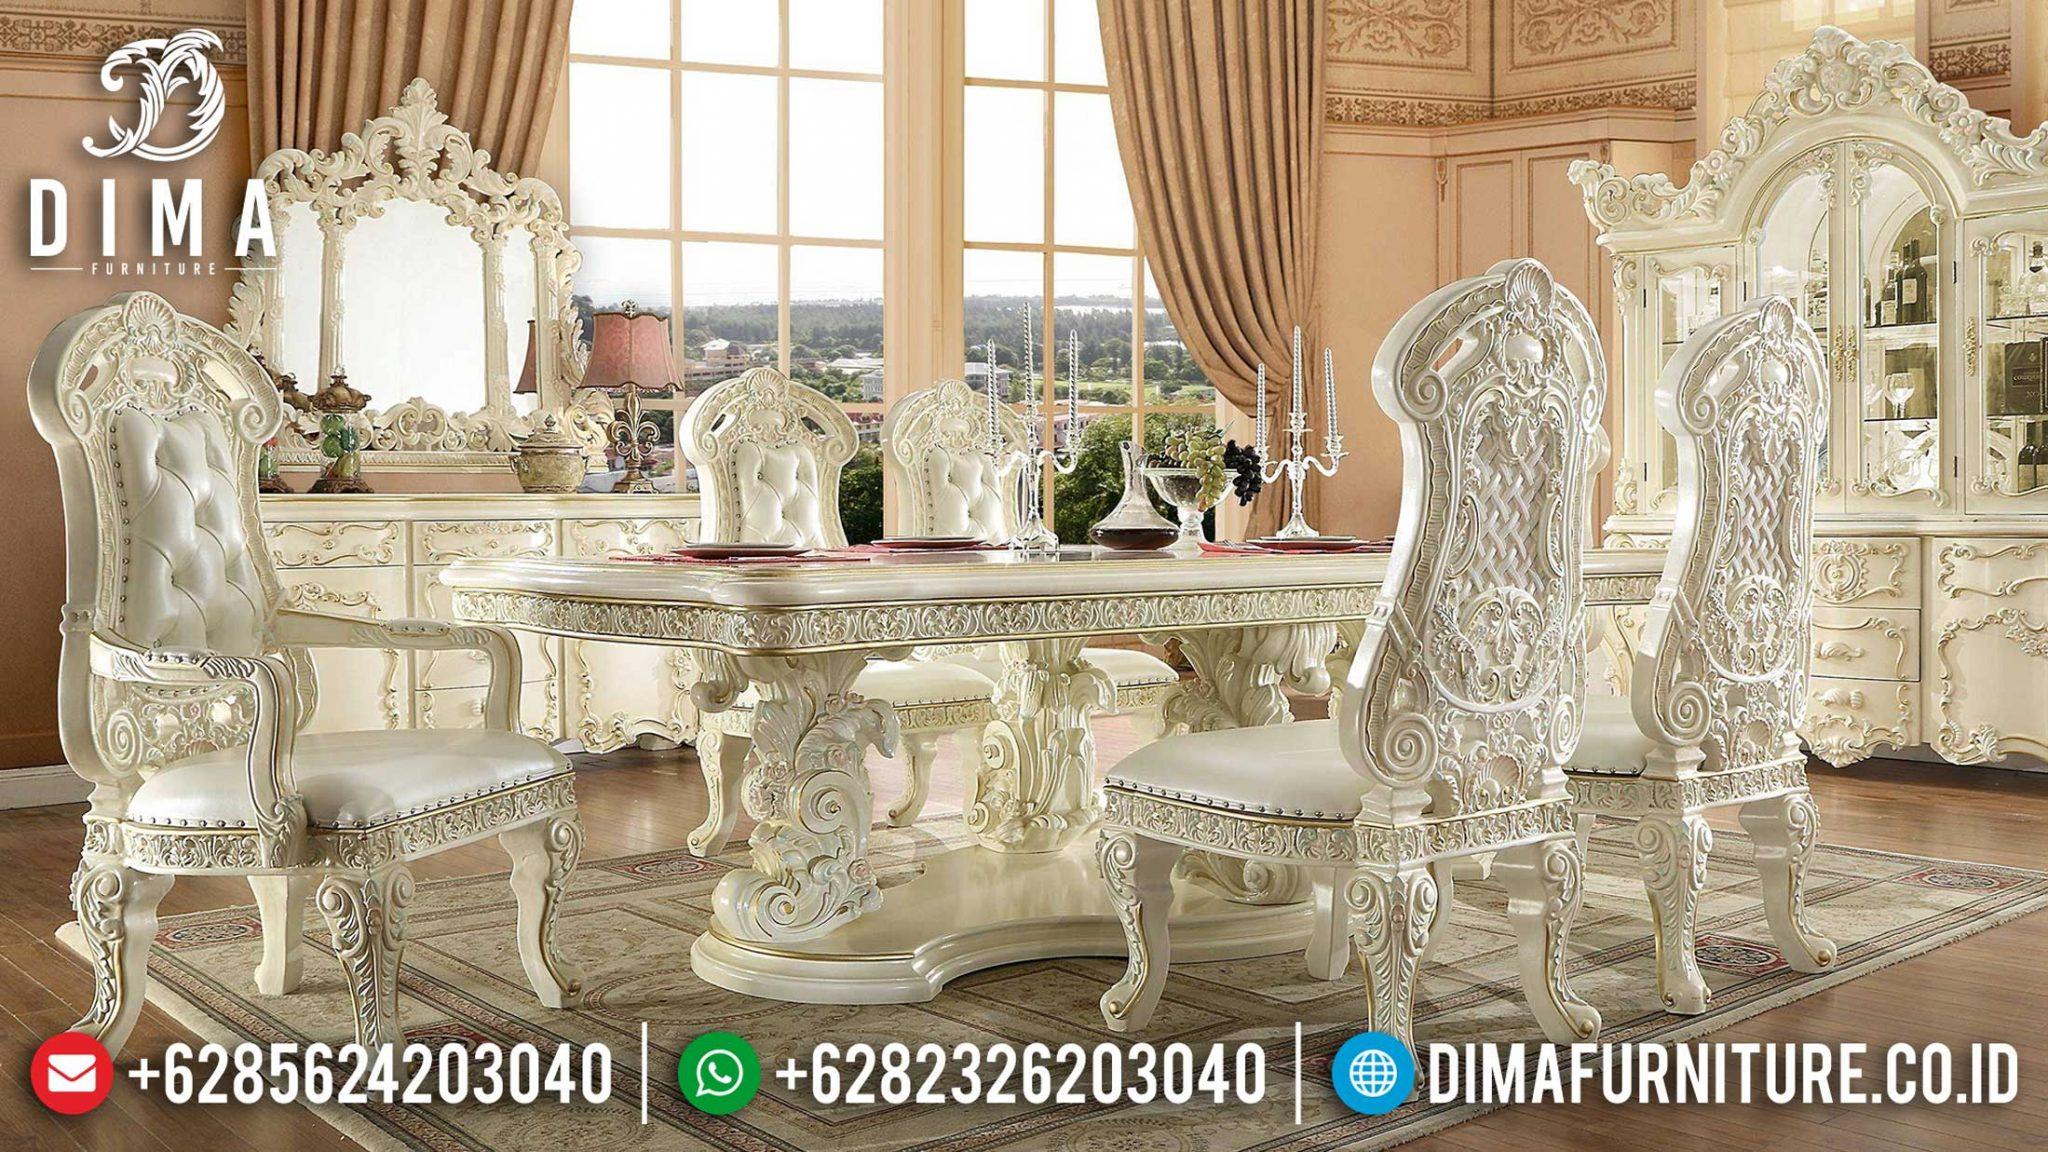 Termewah Meja Makan Mewah Luxury Carving Empire Dining Room Design Mebel Jepara Terbaru TTJ-1188